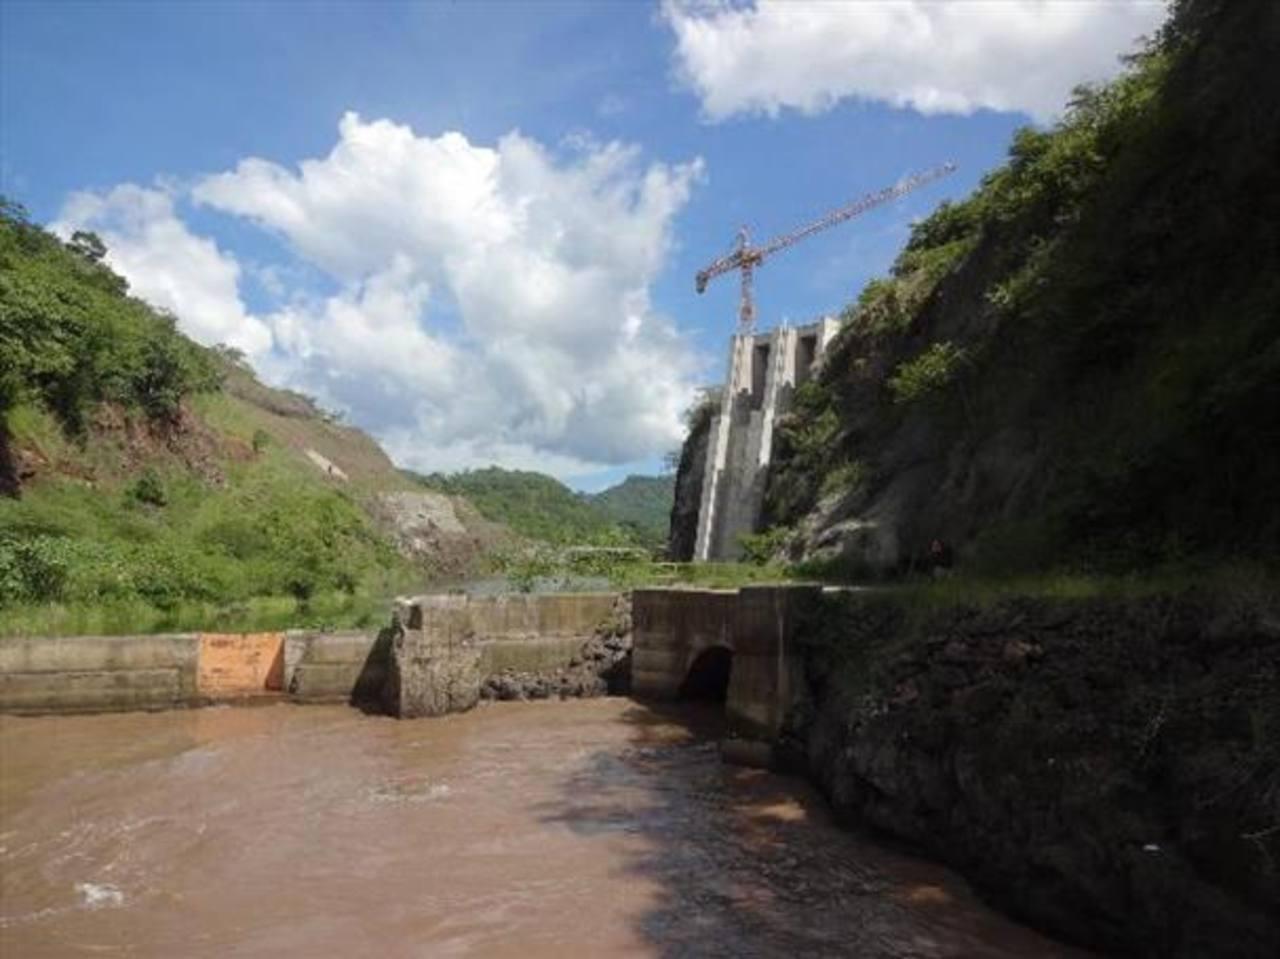 Ambientalistas piden no continuar con El Chaparral